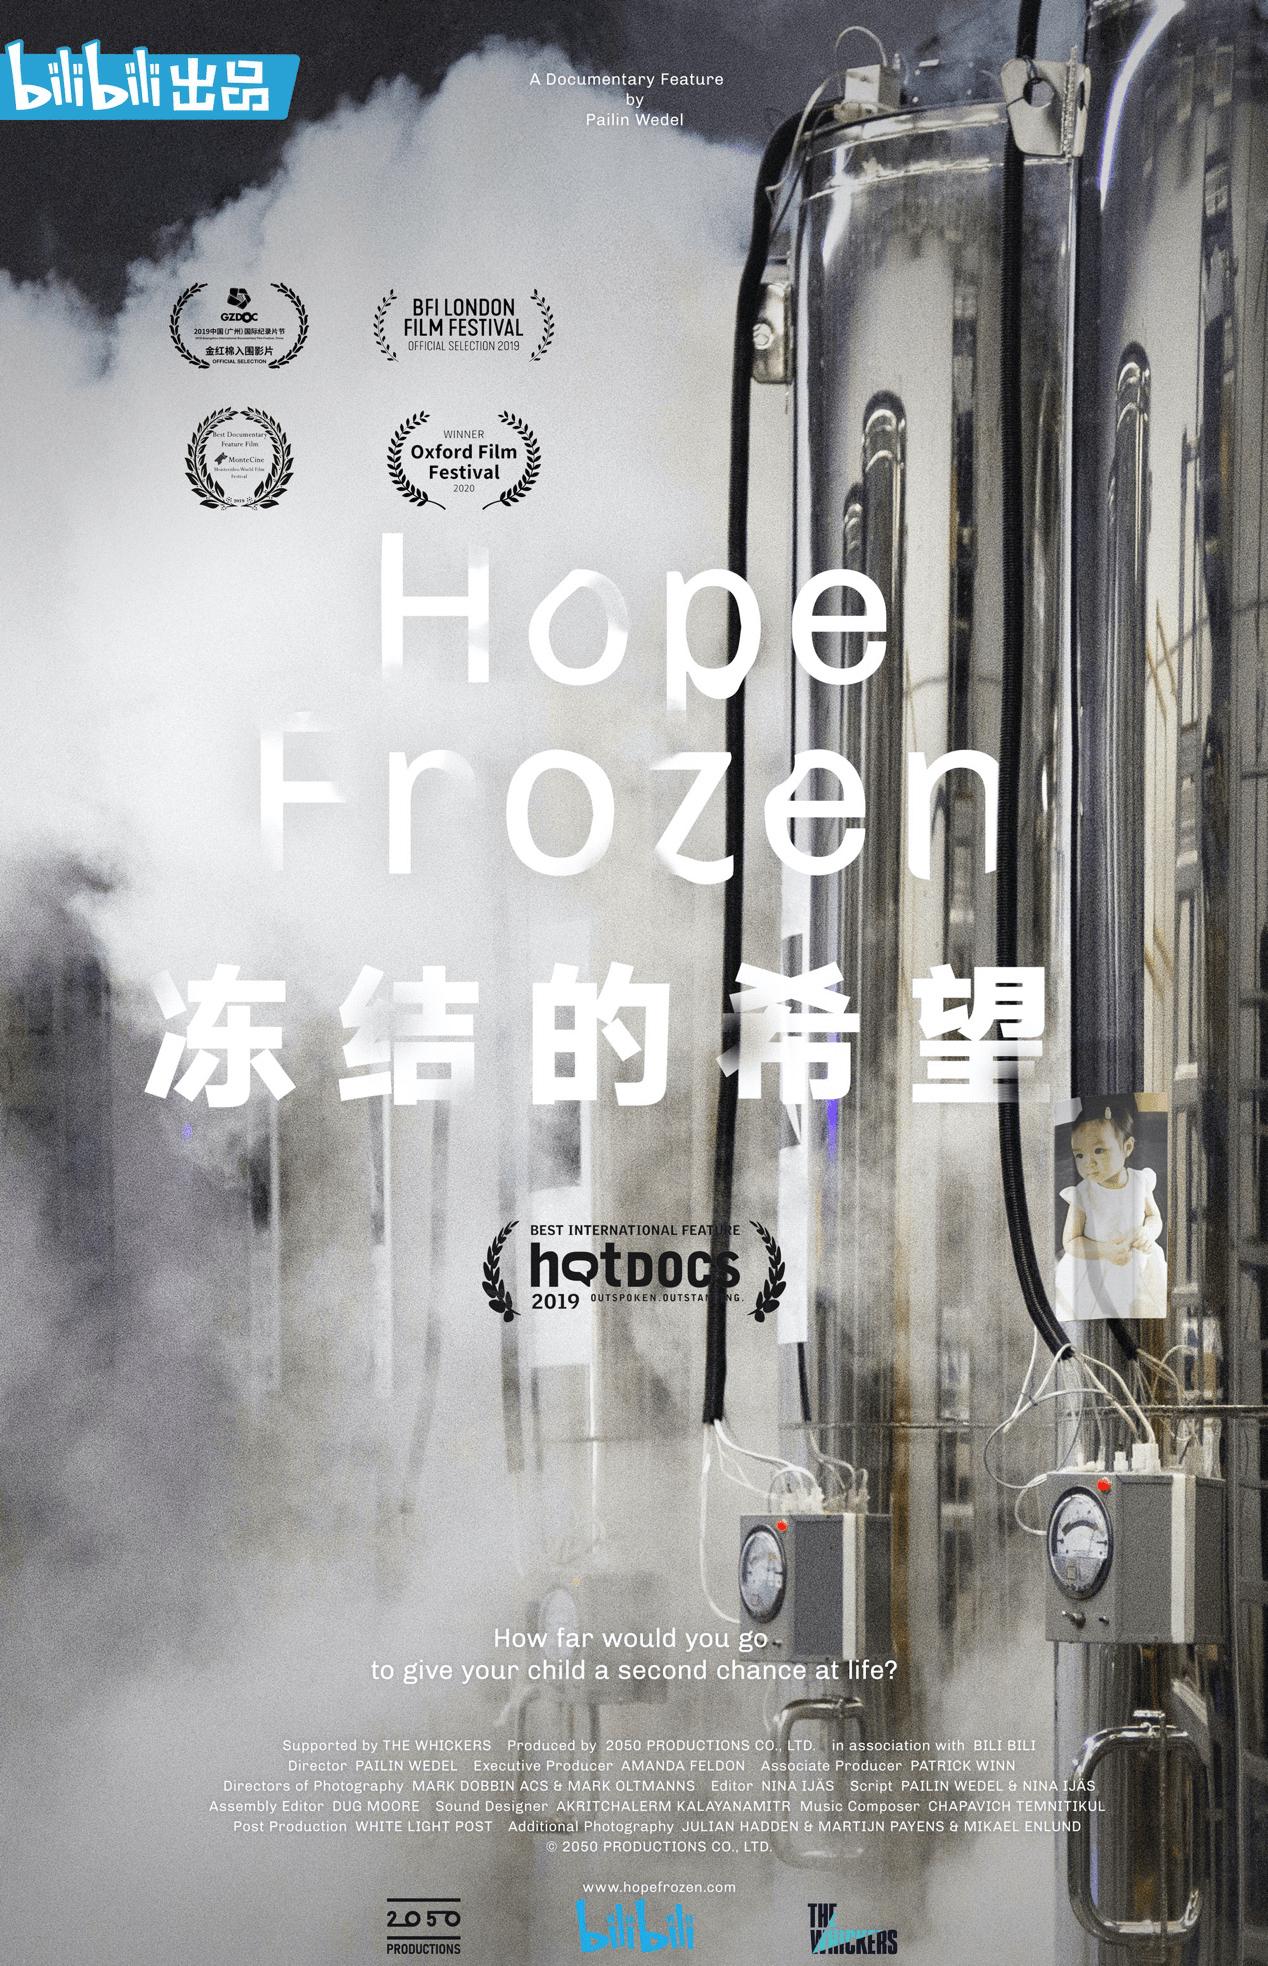 续写《冻结的希望》:守住千风的爱